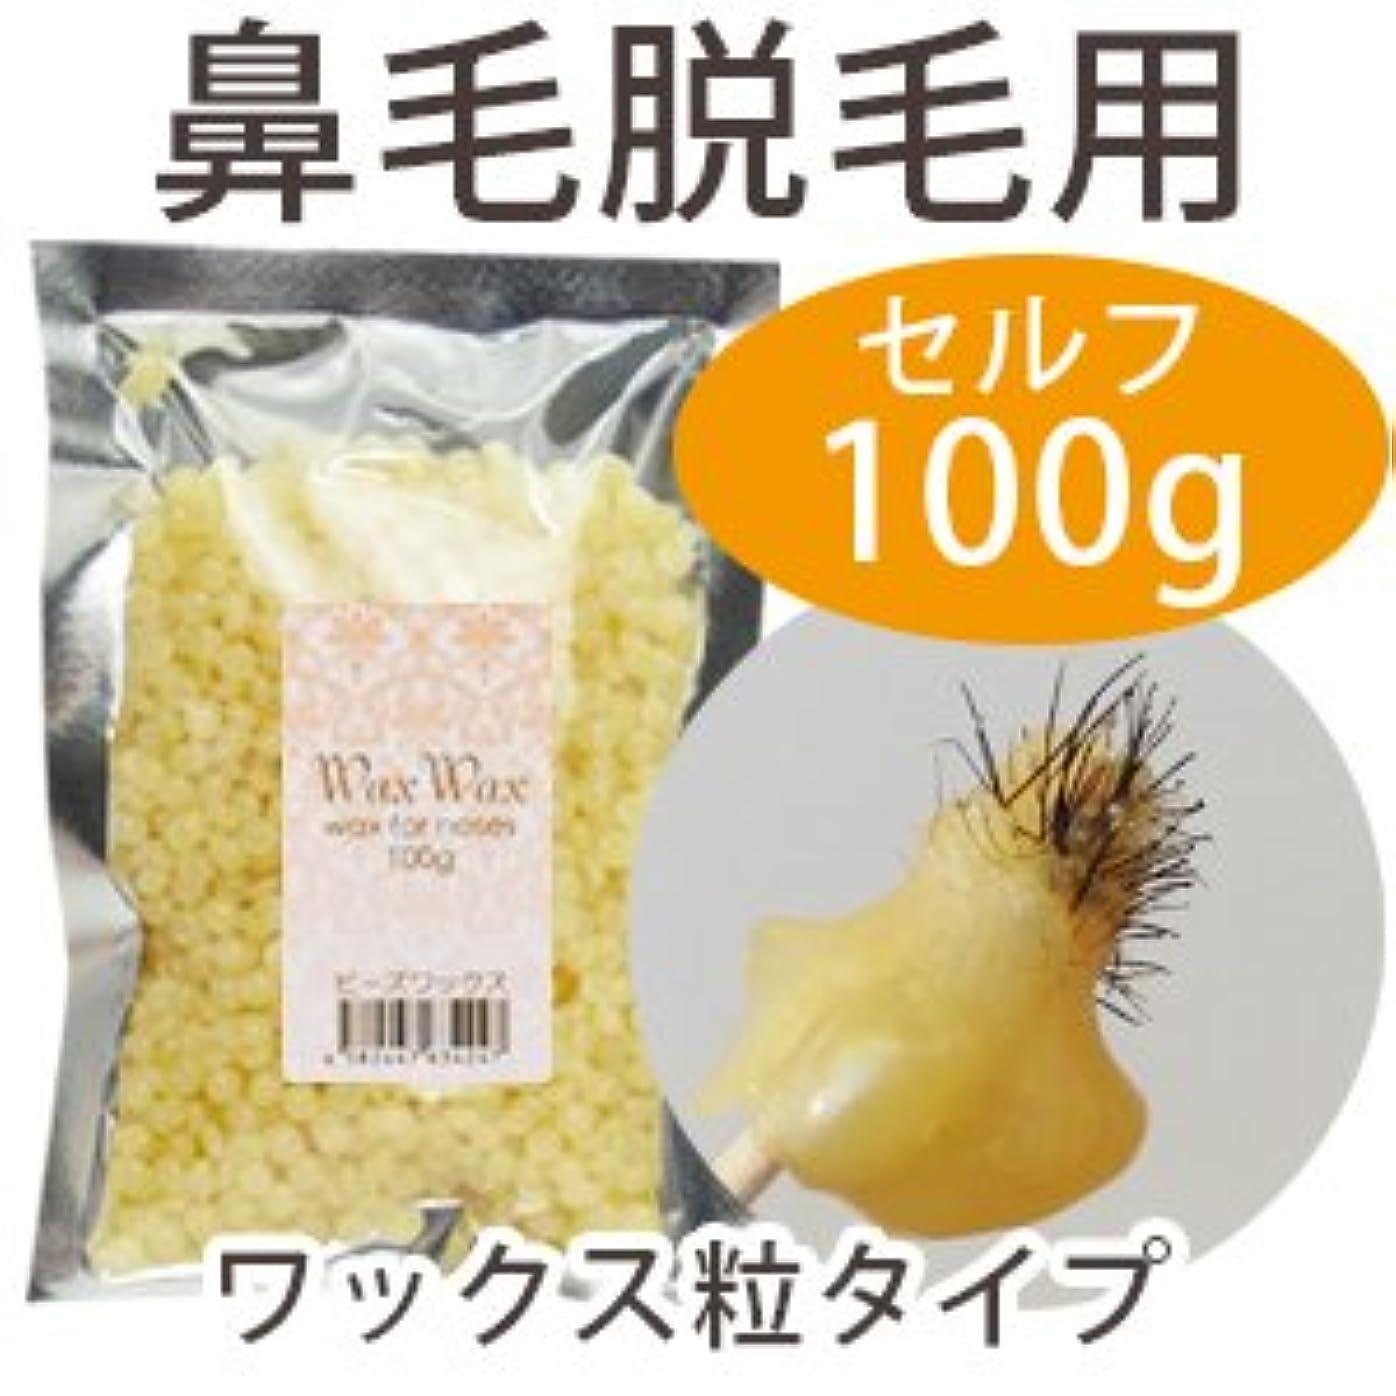 旋律的騒ぎ磁気鼻毛 産毛 脱毛 ビーズ ワックス (イエロー 100g)